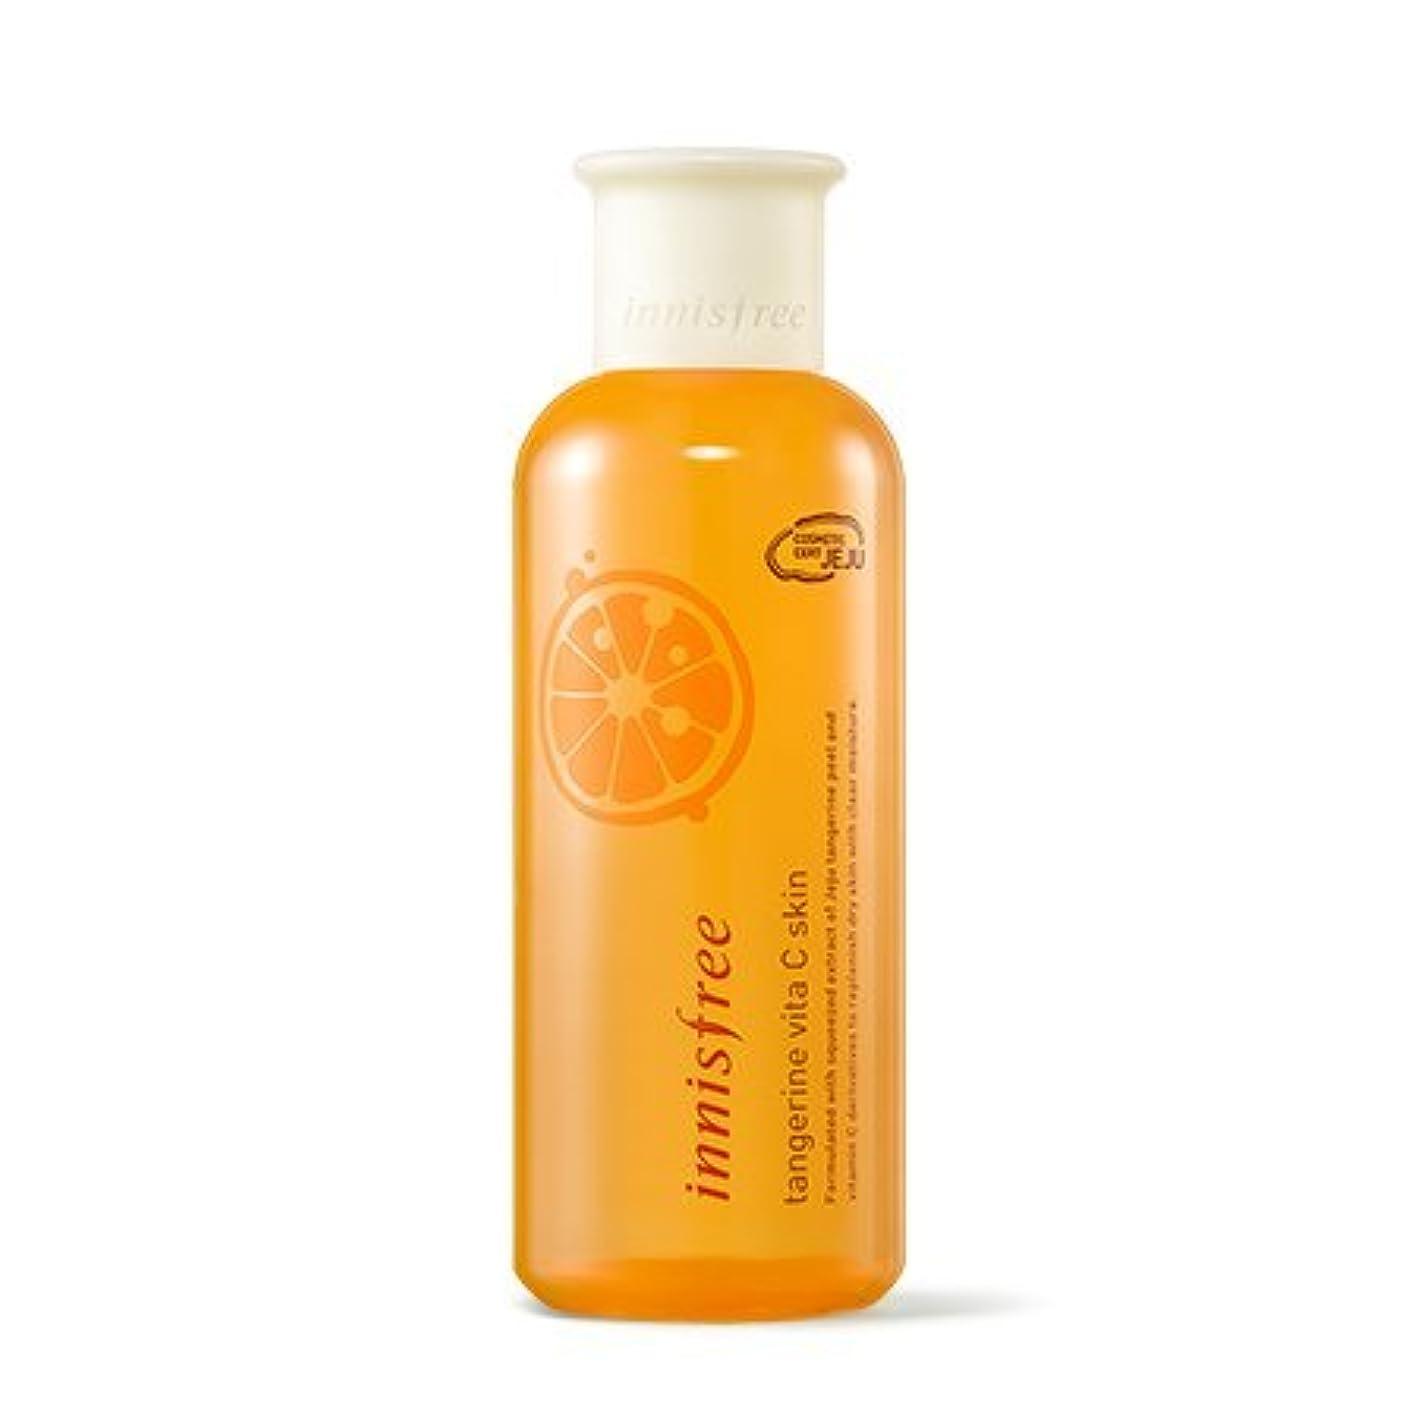 アプトジャグリング連想[New] innisfree Tangerine Vita C Skin 200ml/イニスフリー タンジェリン ビタ C スキン 200ml [並行輸入品]